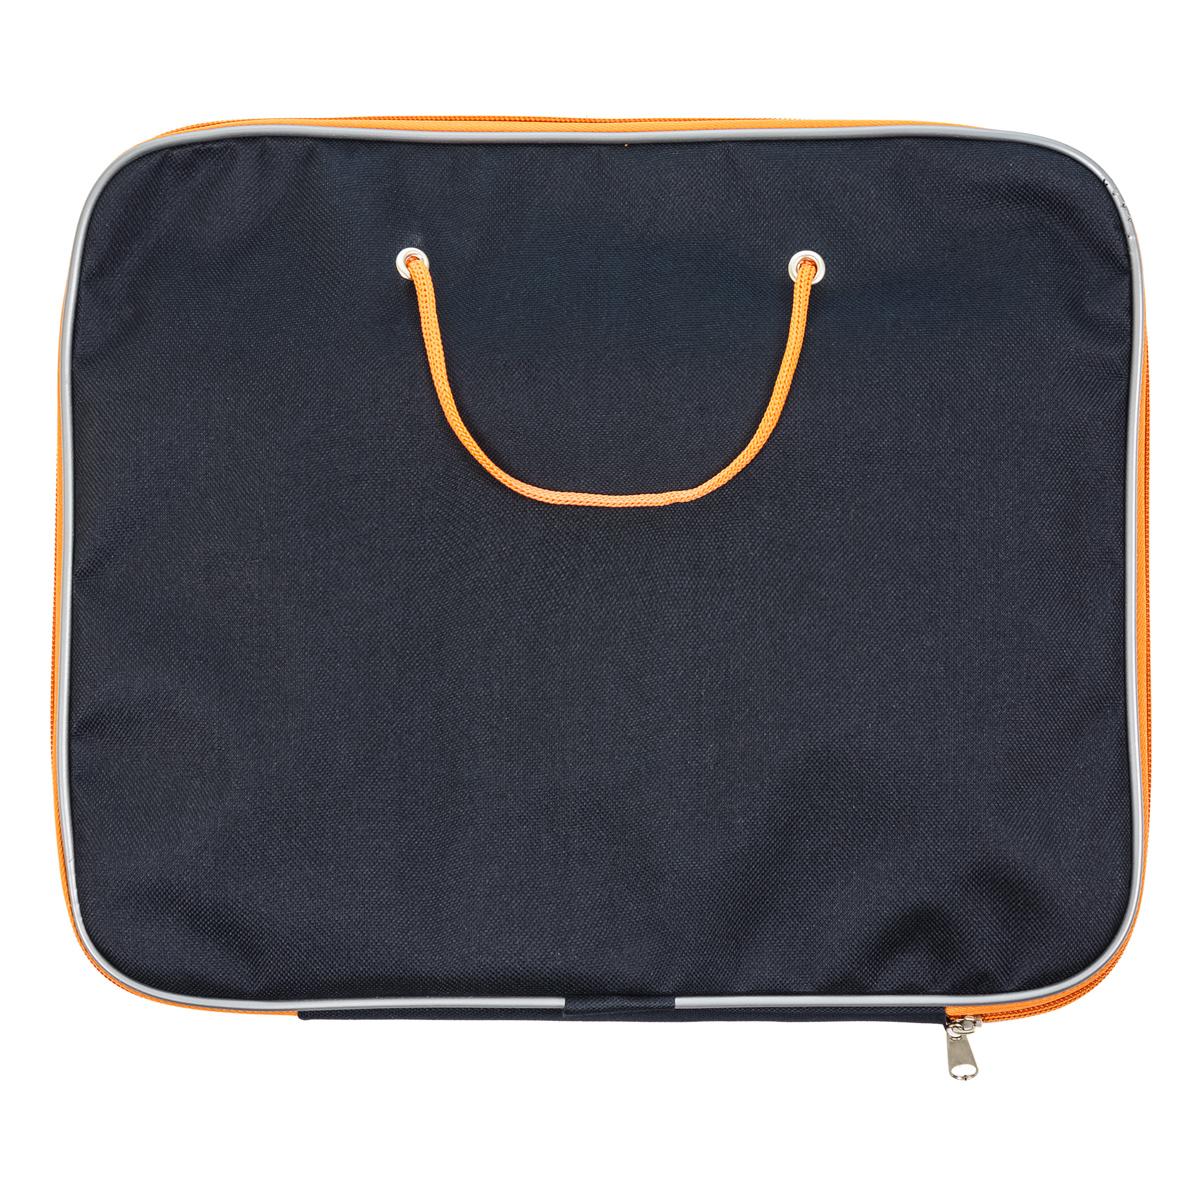 Сумка  Офис стандарт  Оранжевый р. 33х27 - Прочий текстиль артикул: 26412